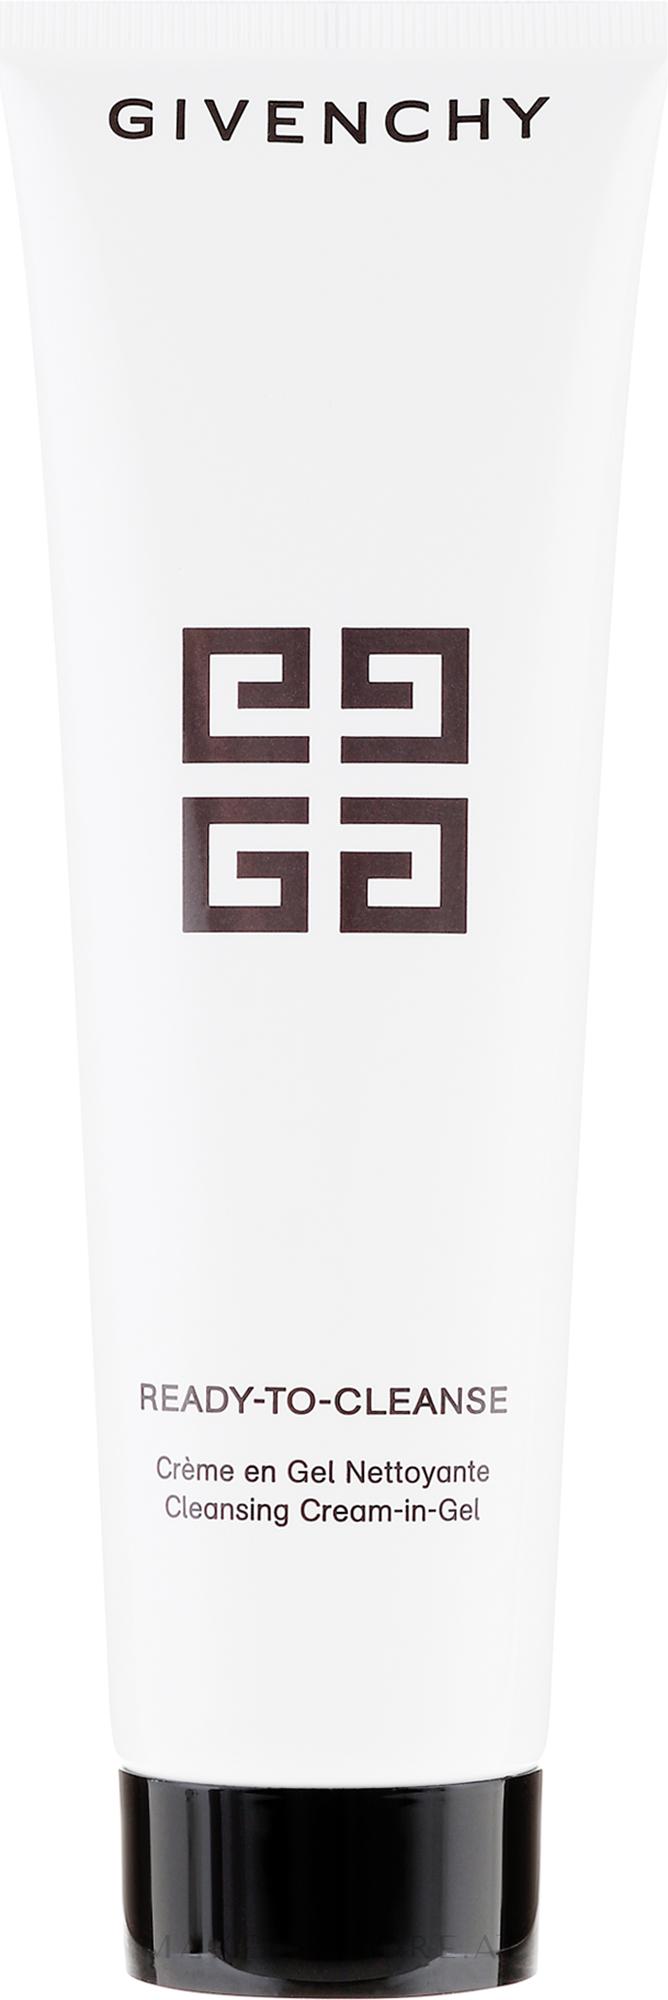 Gesichtsreinigungsgel-Creme - Givenchy Ready-To-Cleanse Gel en Creme Nettoyante — Bild 150 ml